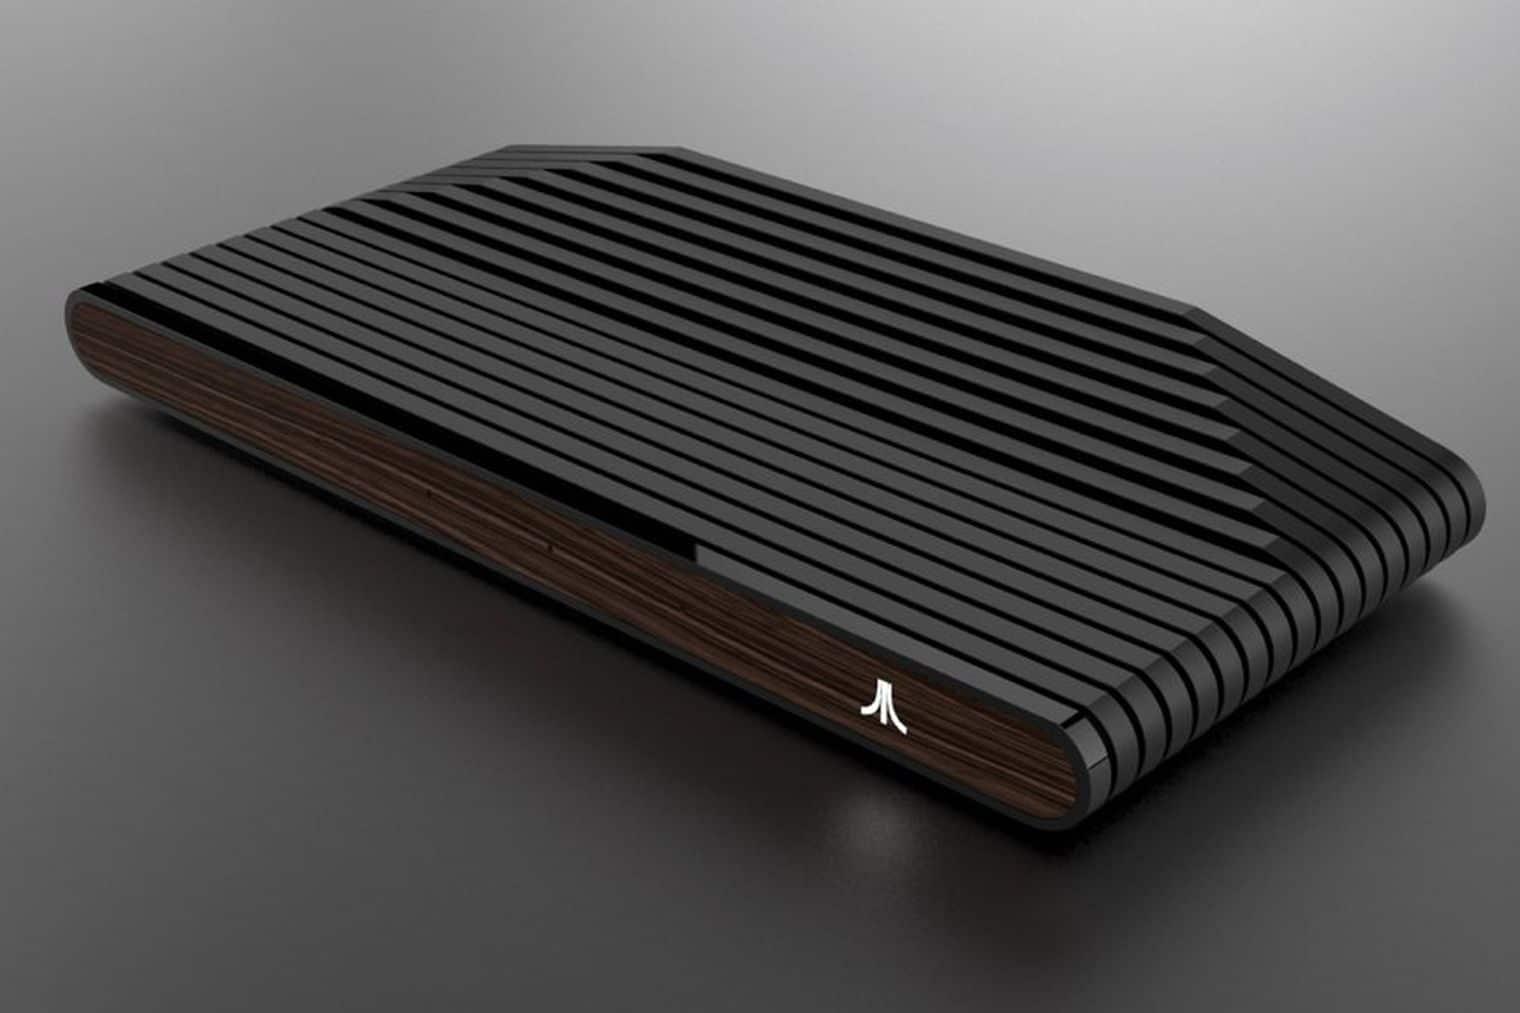 Das wird die Ataribox. (Foto: Atari)